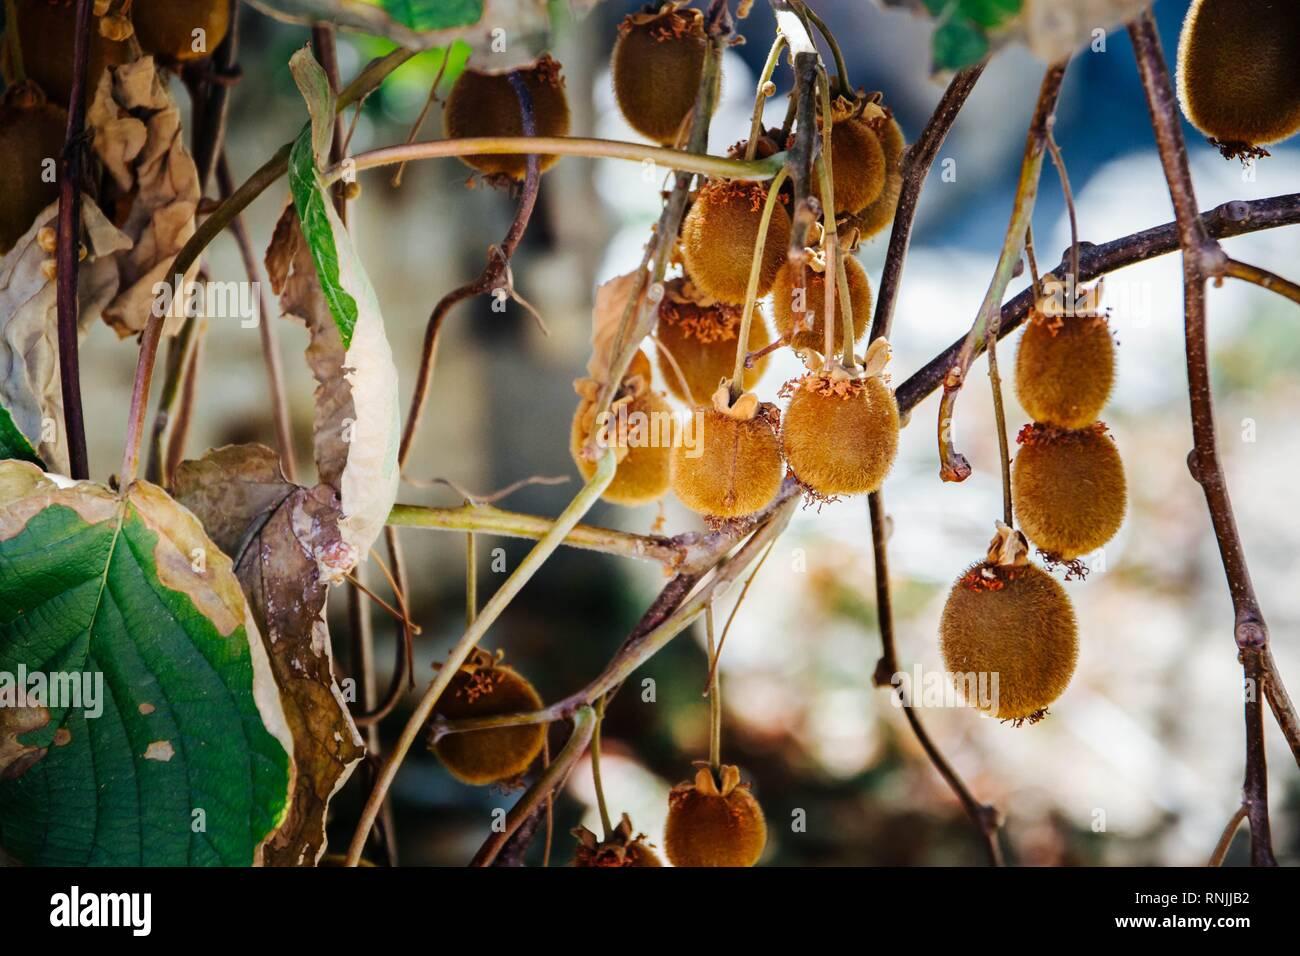 ripe kiwi fruit hanging on a kiwi bush - Stock Image